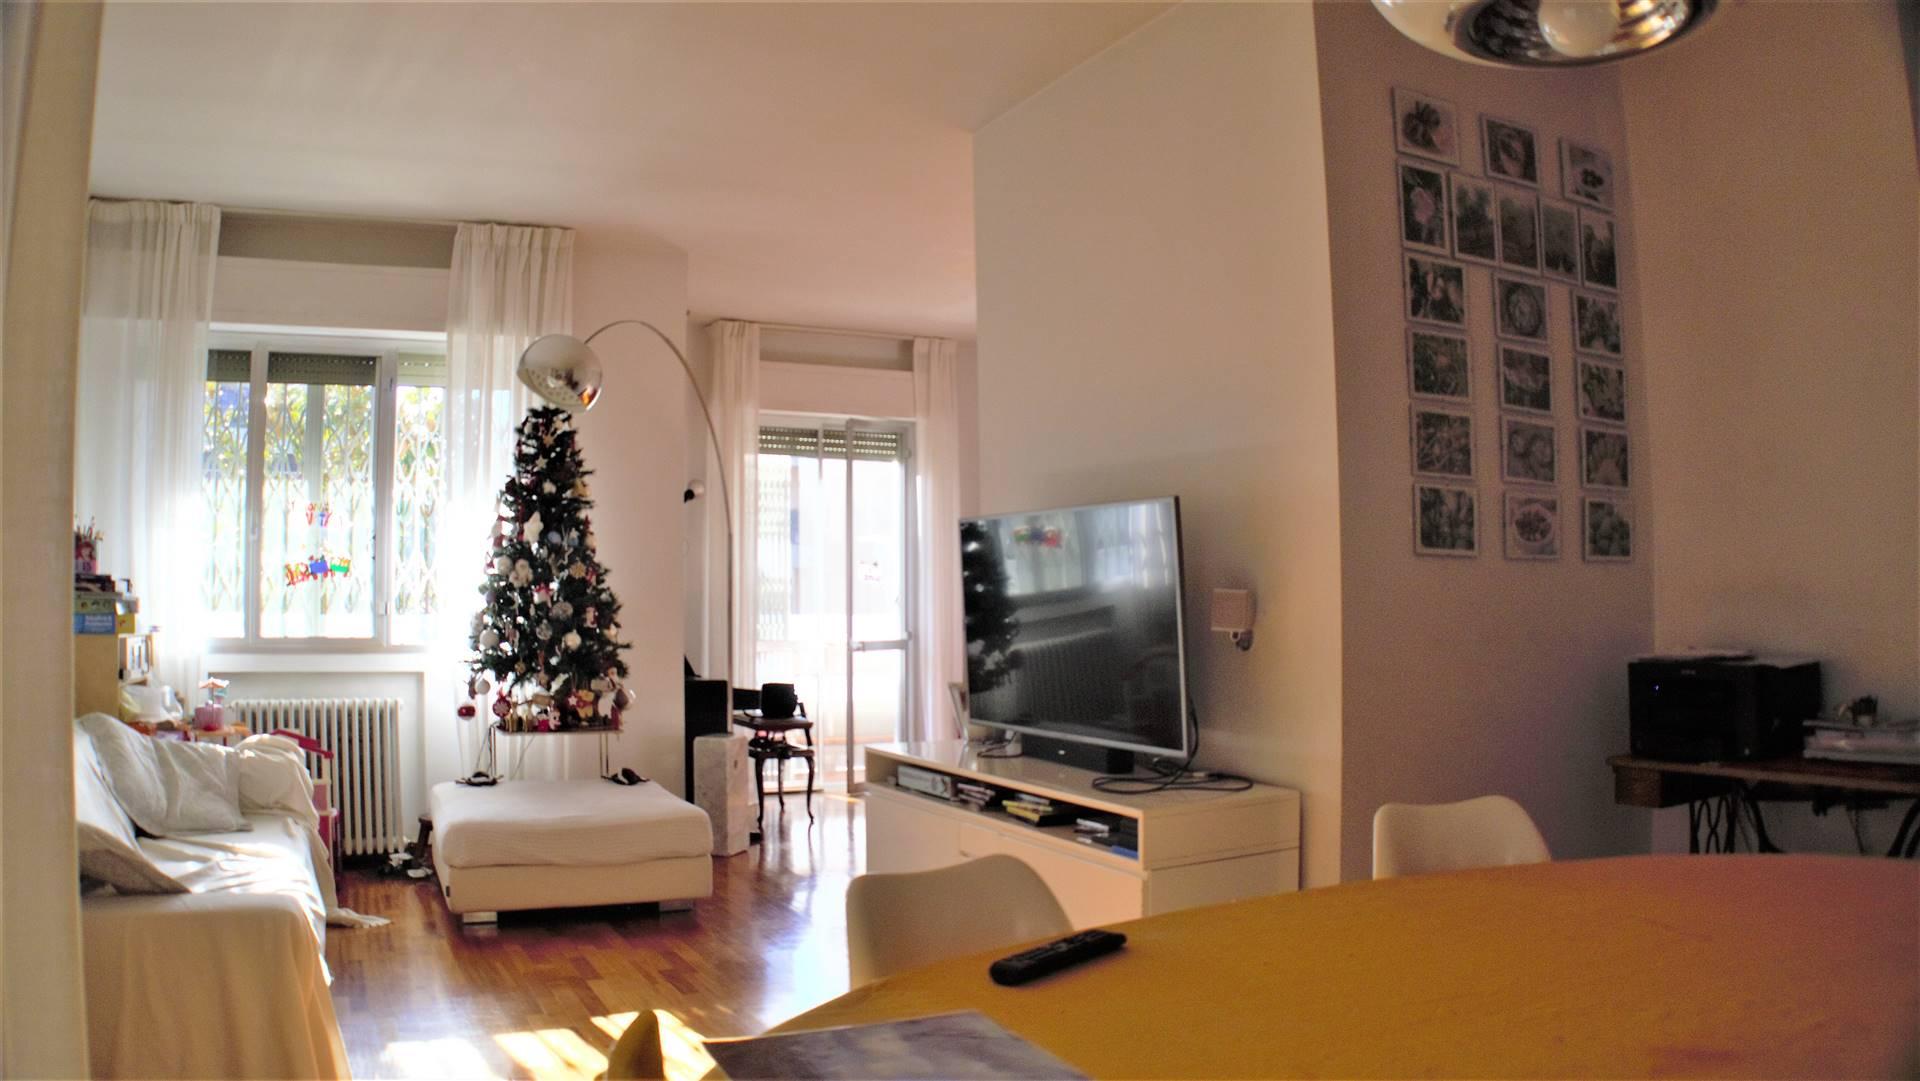 MONTECATINI TERME, Appartamento in vendita di 140 Mq, Ottime condizioni, Riscaldamento Autonomo, Classe energetica: E, Epi: 175 kwh/m2 anno, posto al